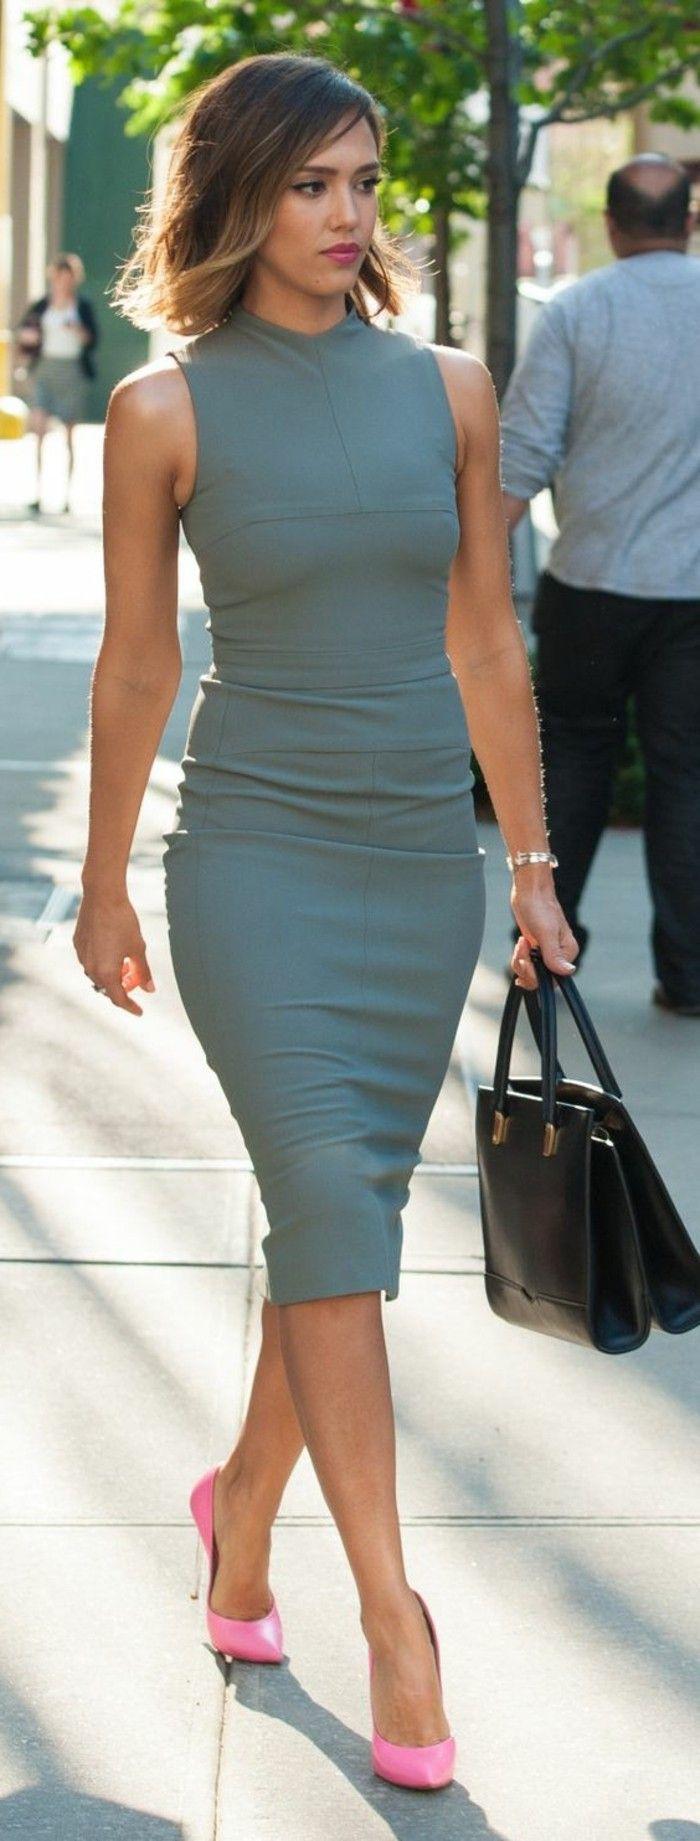 Die Richtigen Business Kleider Machen Karriere Business Kleider Etuikleid Business Kleidung Damen